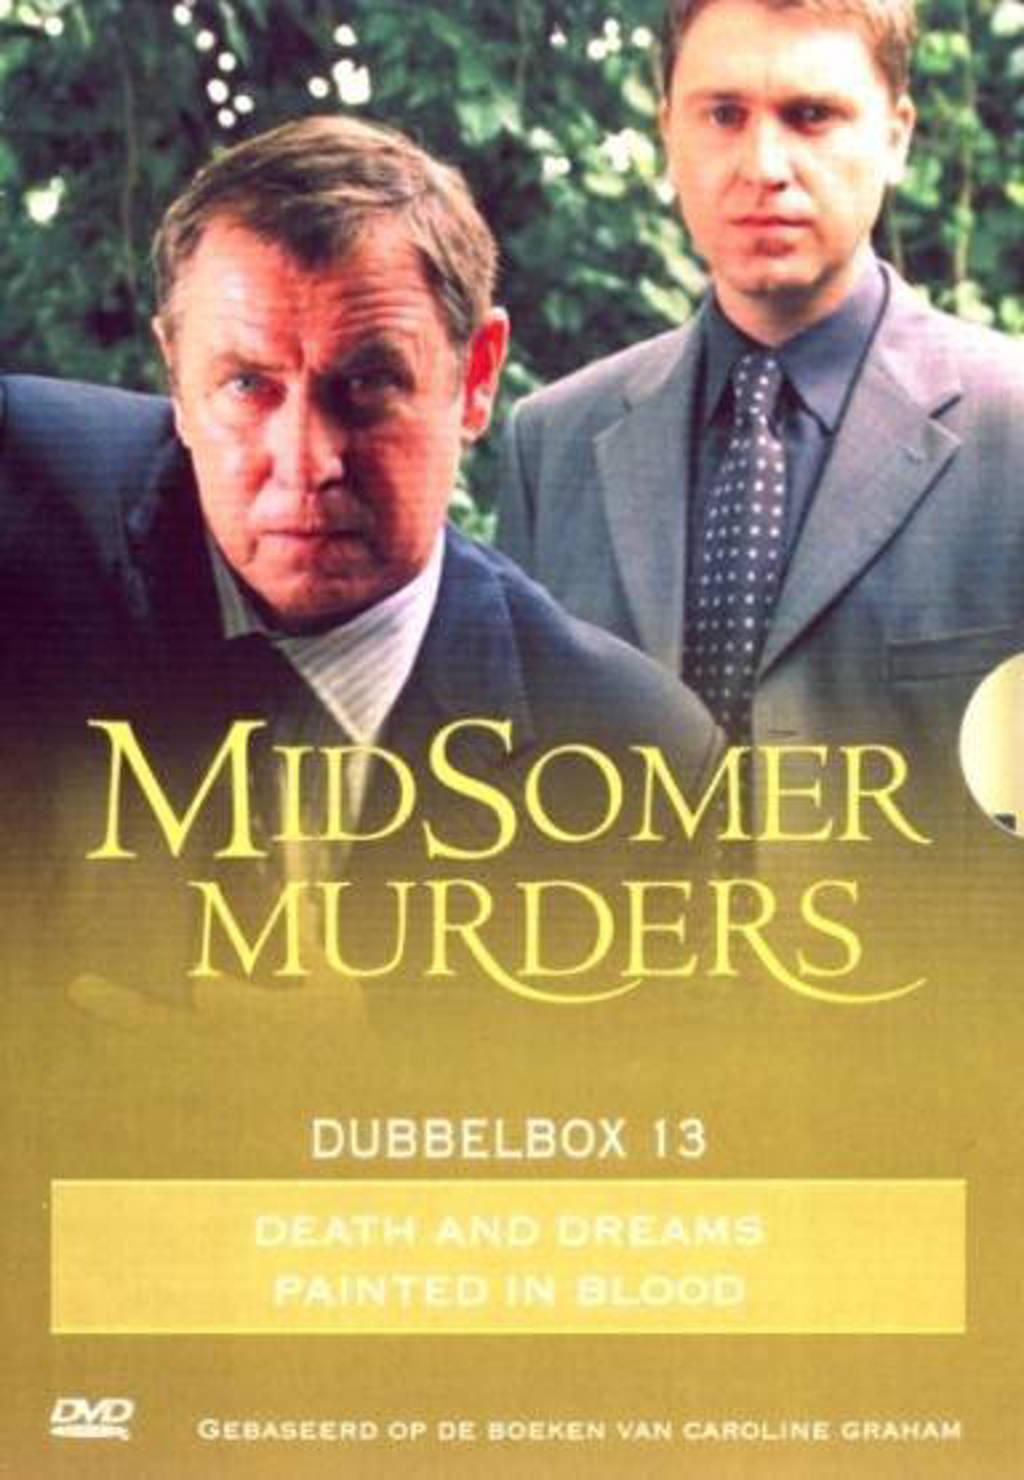 Midsomer murders - dubbelbox 13 (DVD)